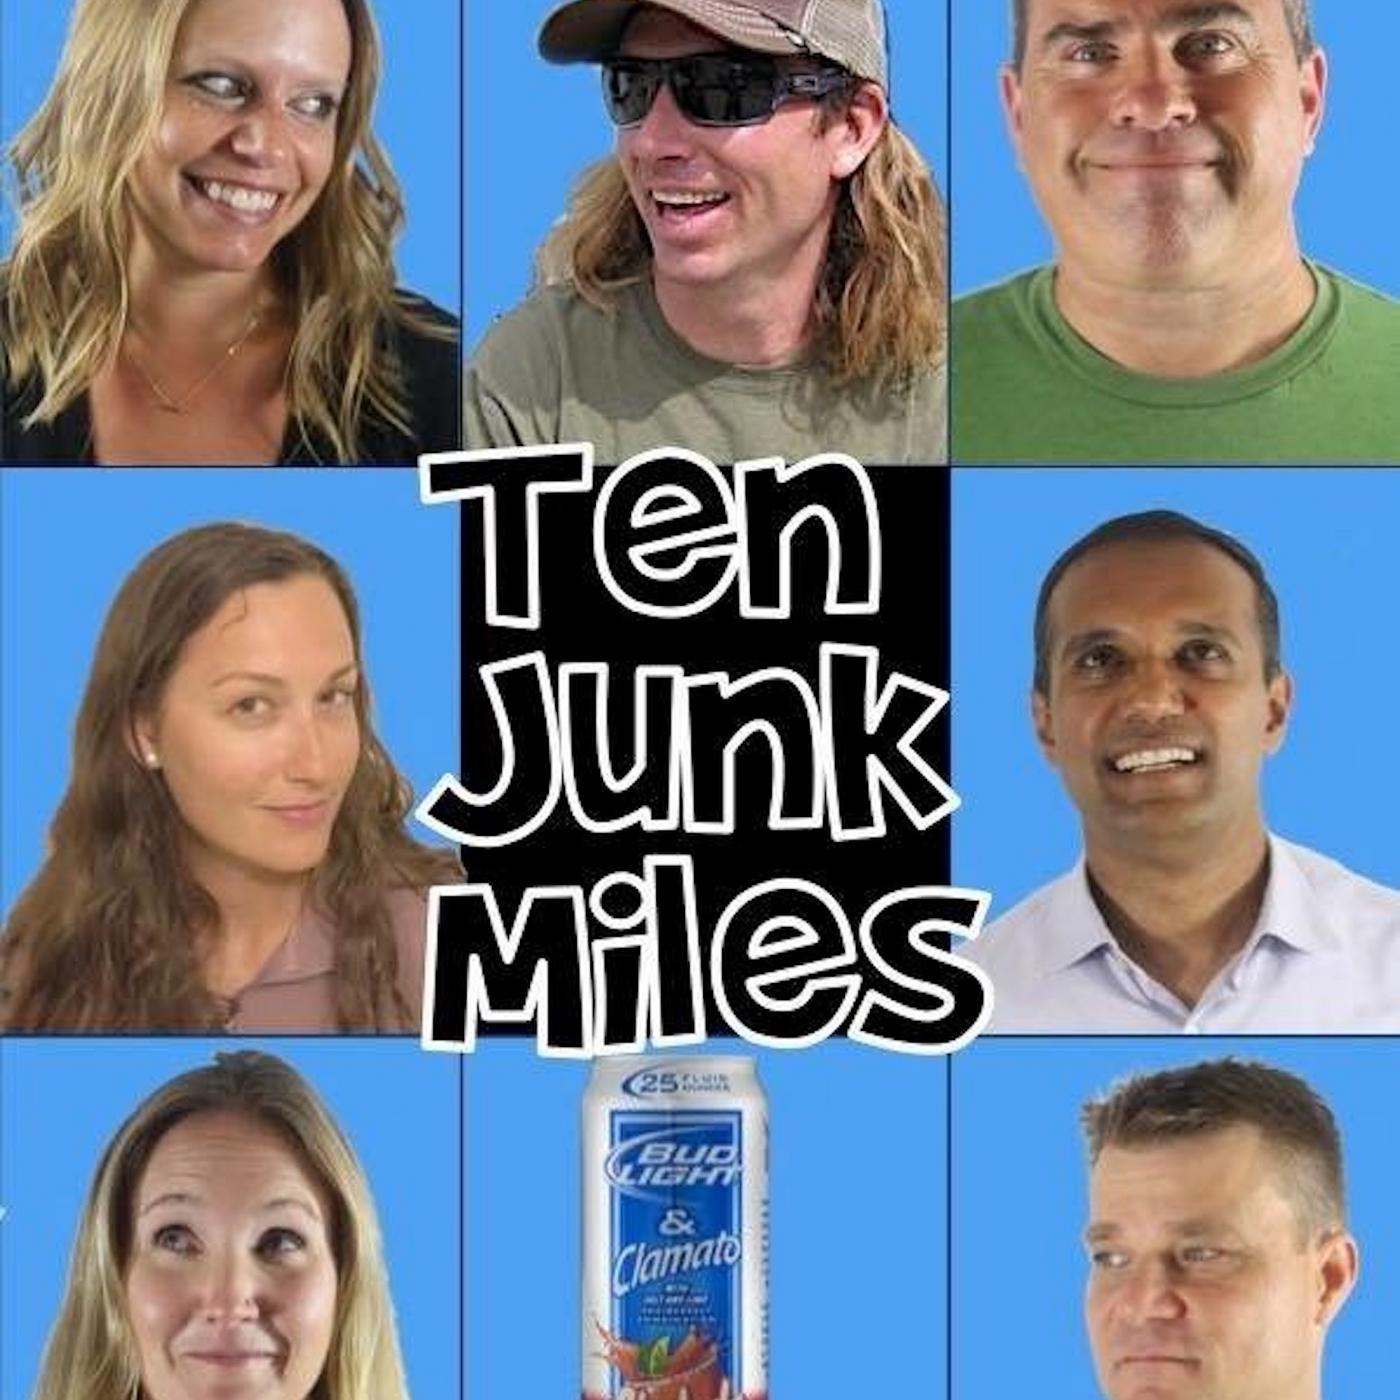 Ten Junk Miles show art